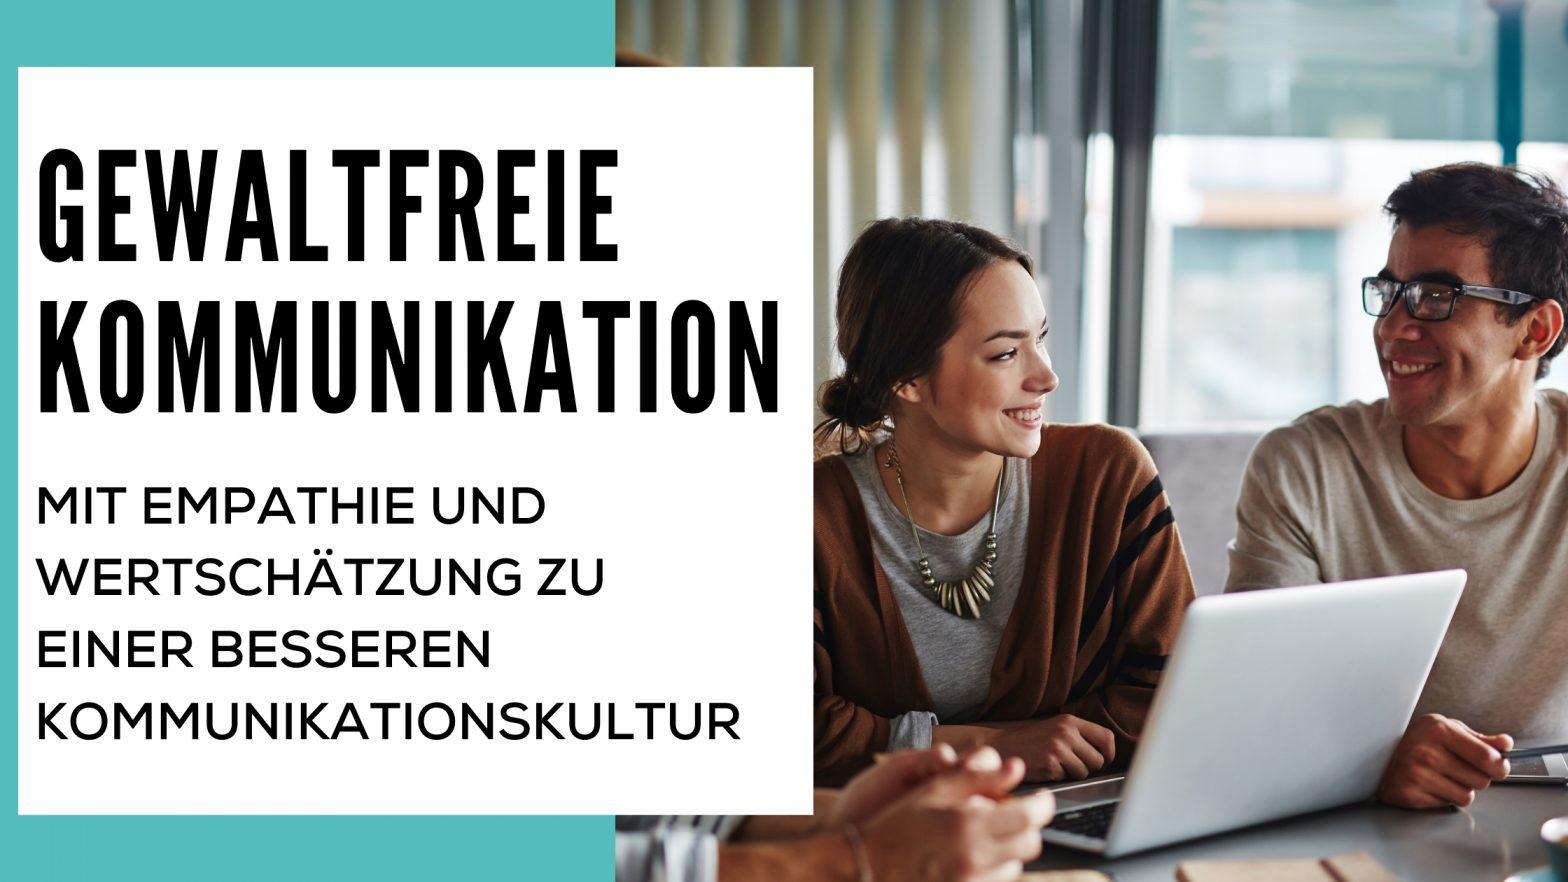 GEWALTFREIE KOMMUNIKATION - MIT EMPATHIE UND WERTSCHÄTZUNG ZU EINER BESSEREN KOMMUNIKATIONSKULTUR